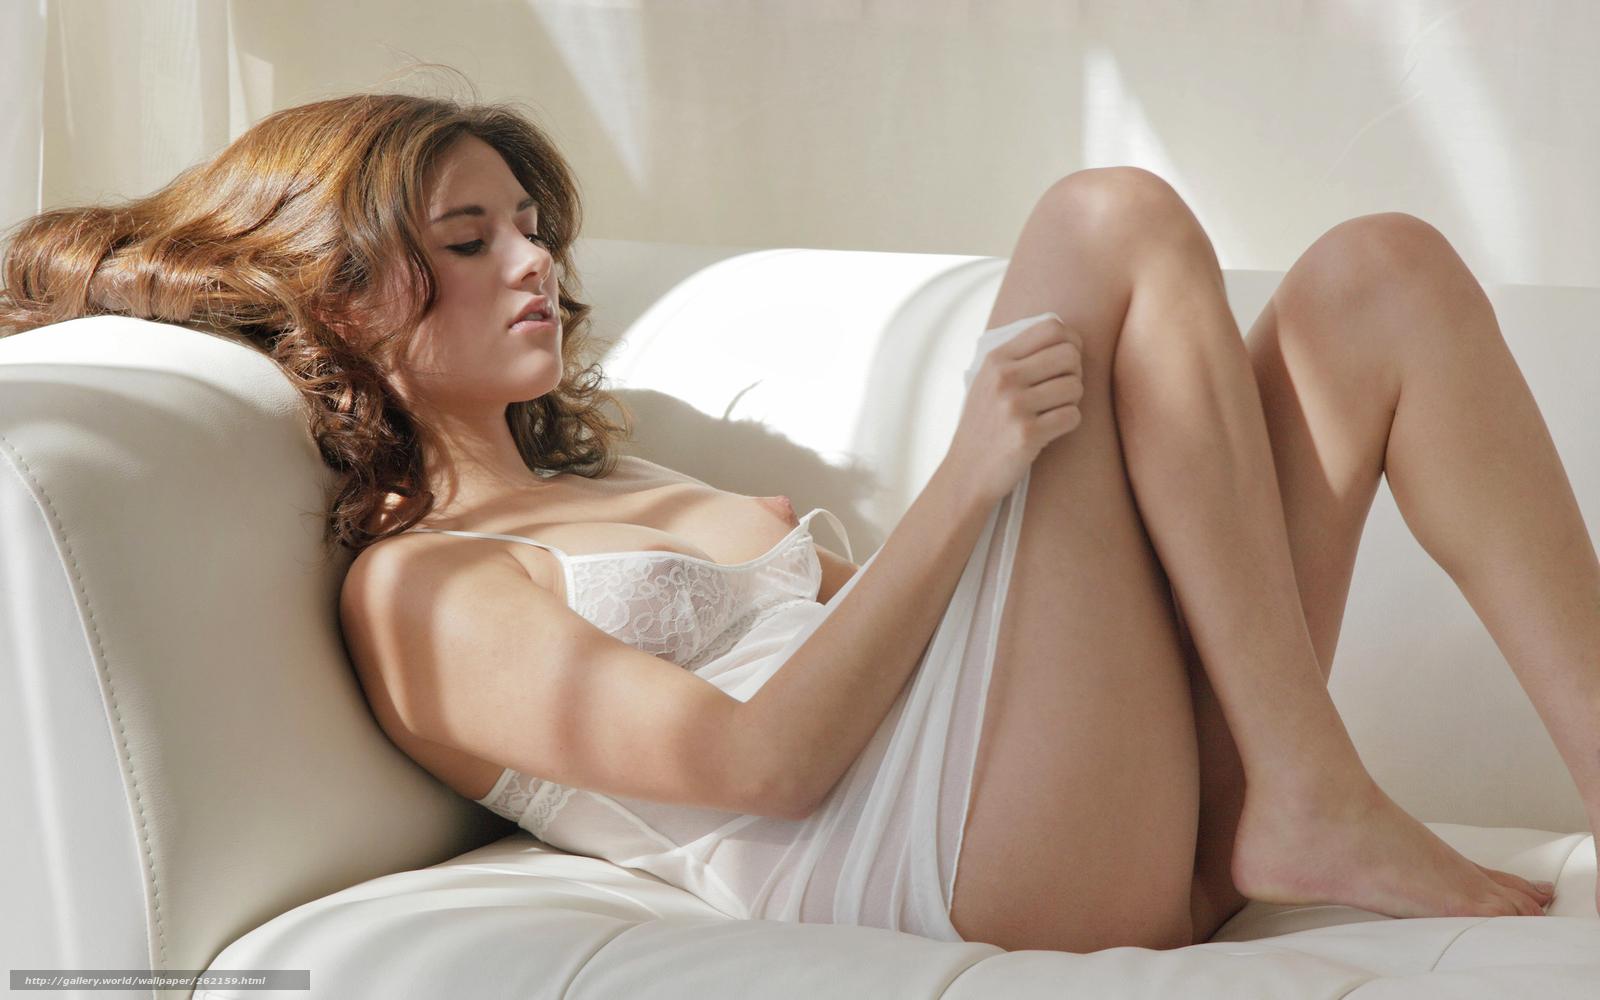 Секс самых симпатичных девушках во всех свето показать бесплатно 25 фотография